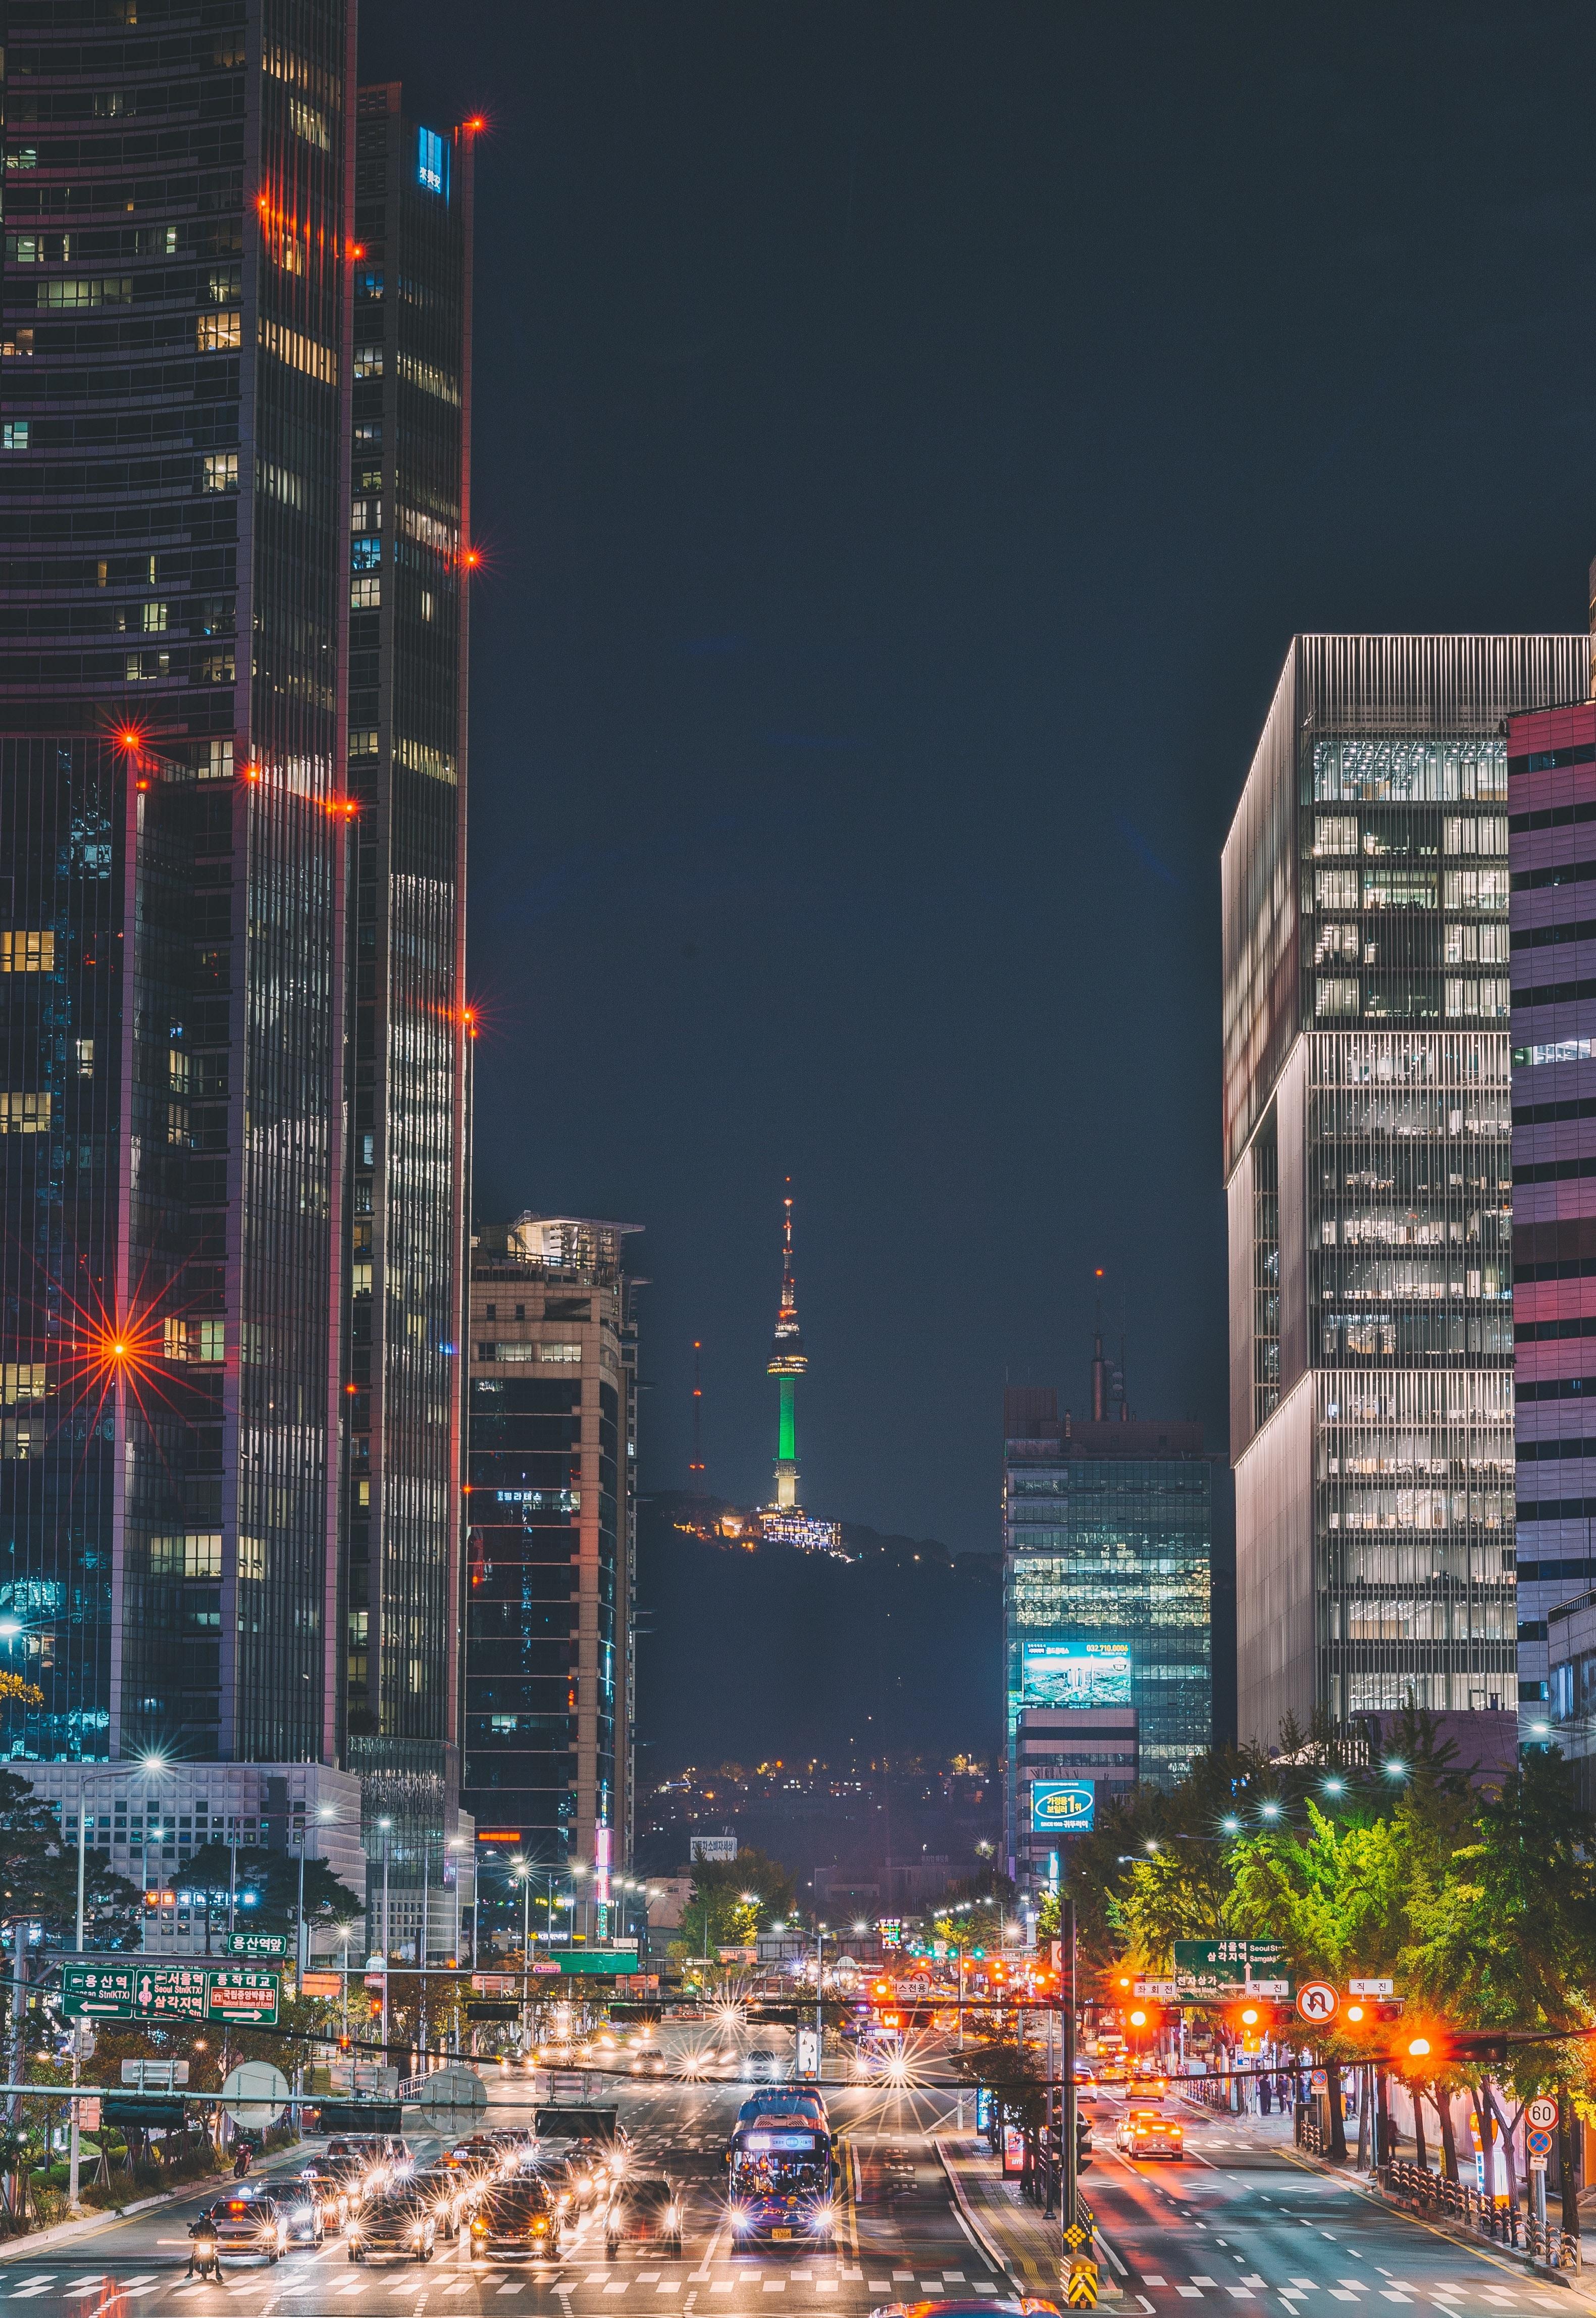 외국인 창업을 유치하기 전에 한국이 살만한 곳인지 살펴보아야 할 때